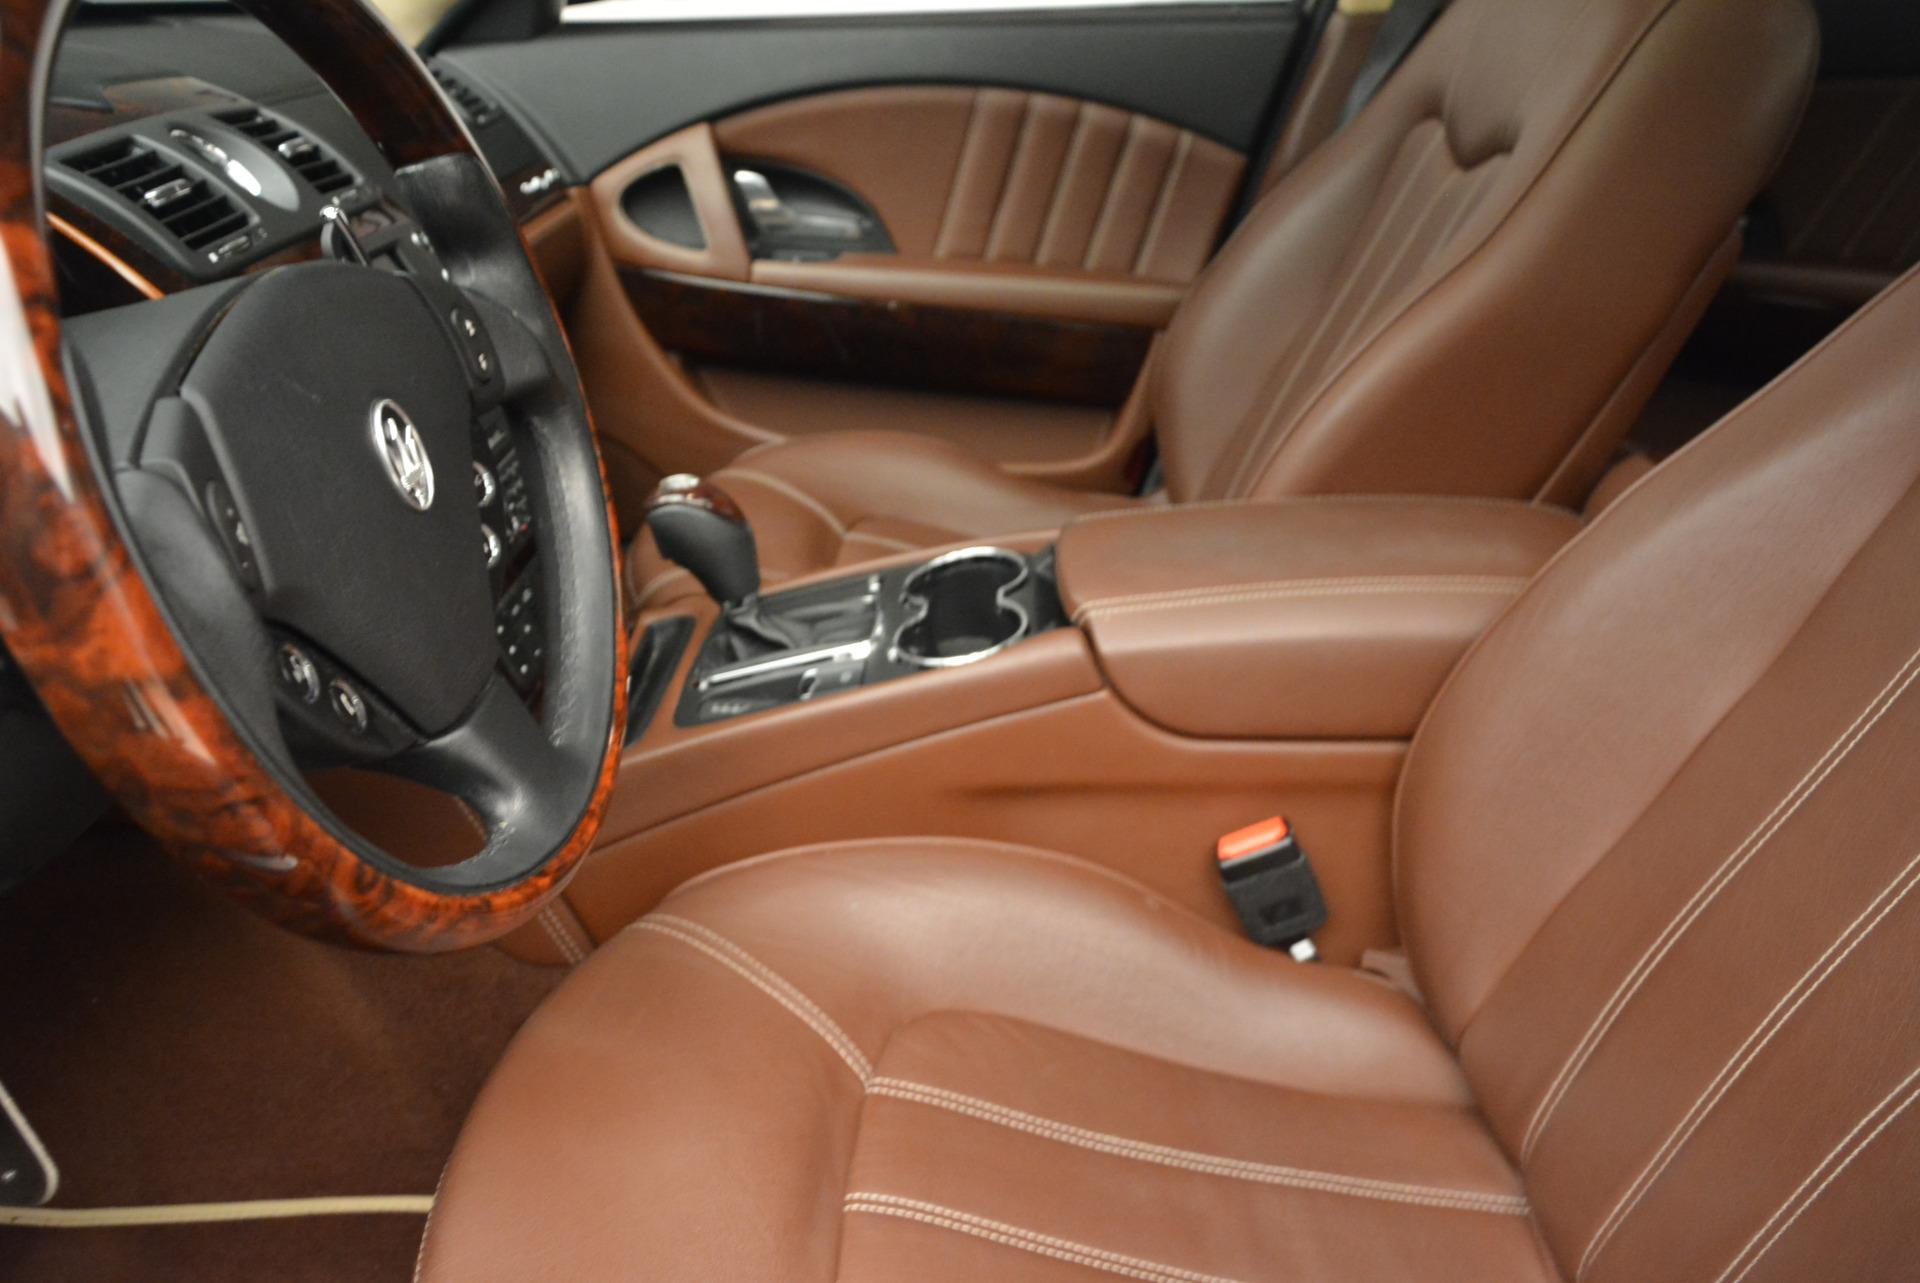 Used 2013 Maserati Quattroporte S For Sale In Greenwich, CT 1012_p14